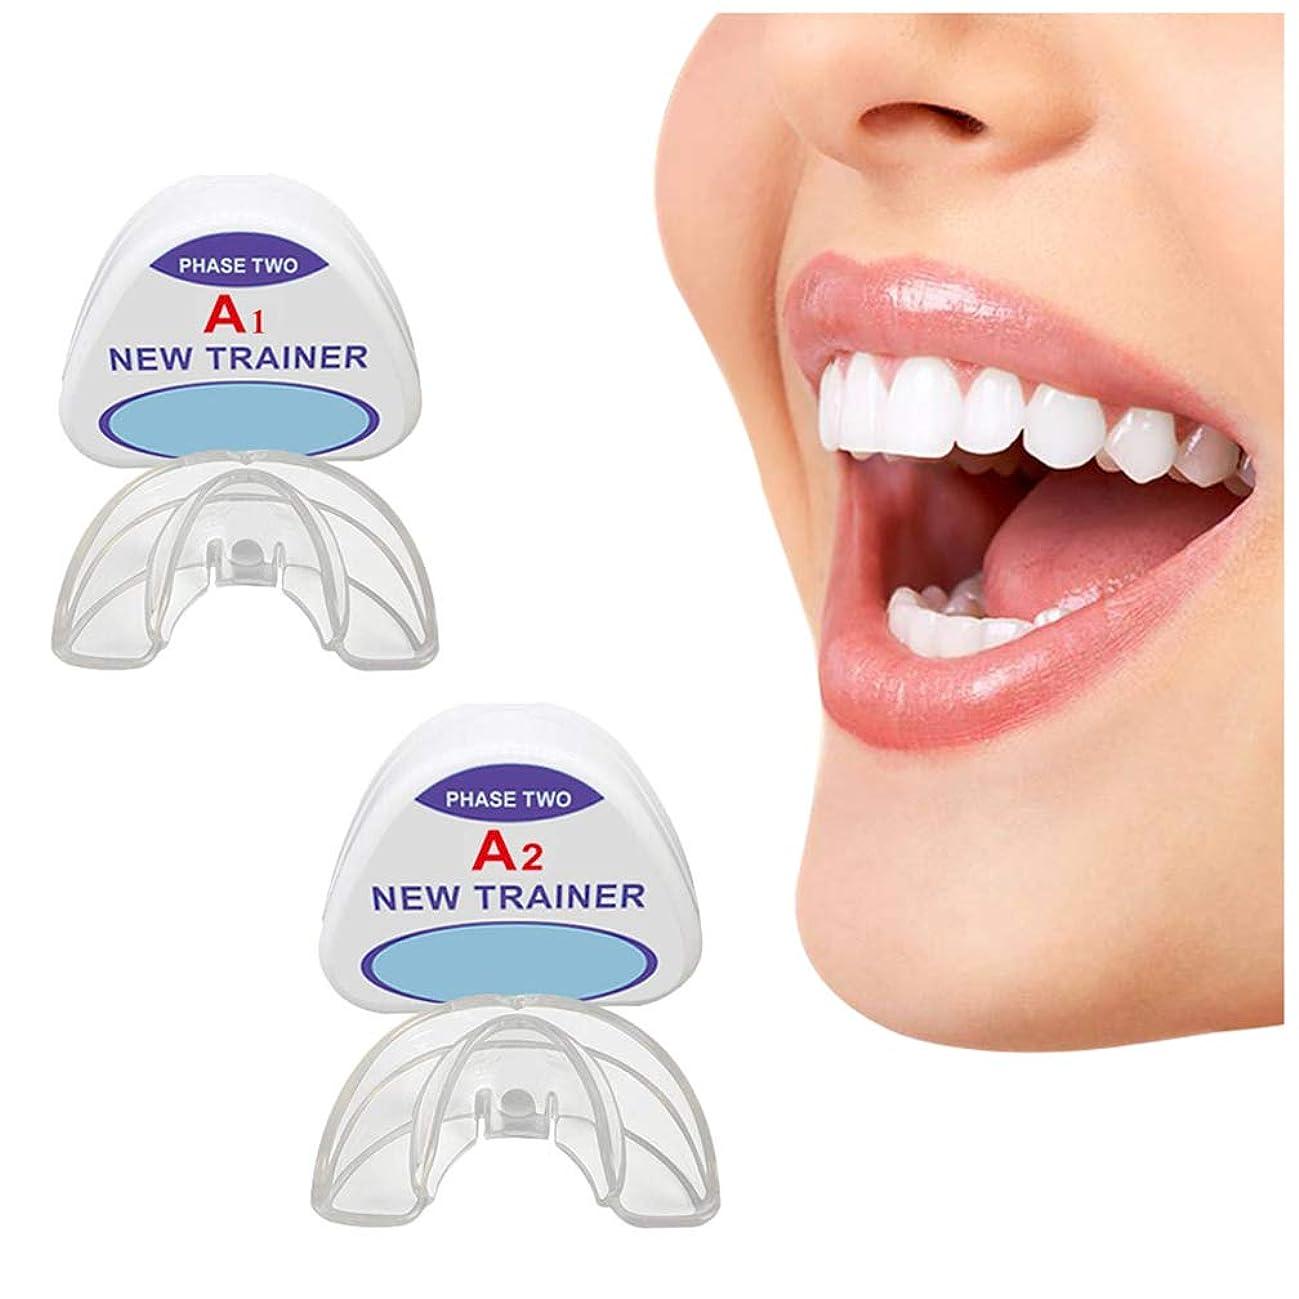 ブルーベル時計回り何故なの歯アライメントトレーナーリテーナー、歯科矯正トレーナー、ナイトマウスガードスリムグラインドプロテクター、大人のためのトレーナー歯アライメントブレース,A1+A2